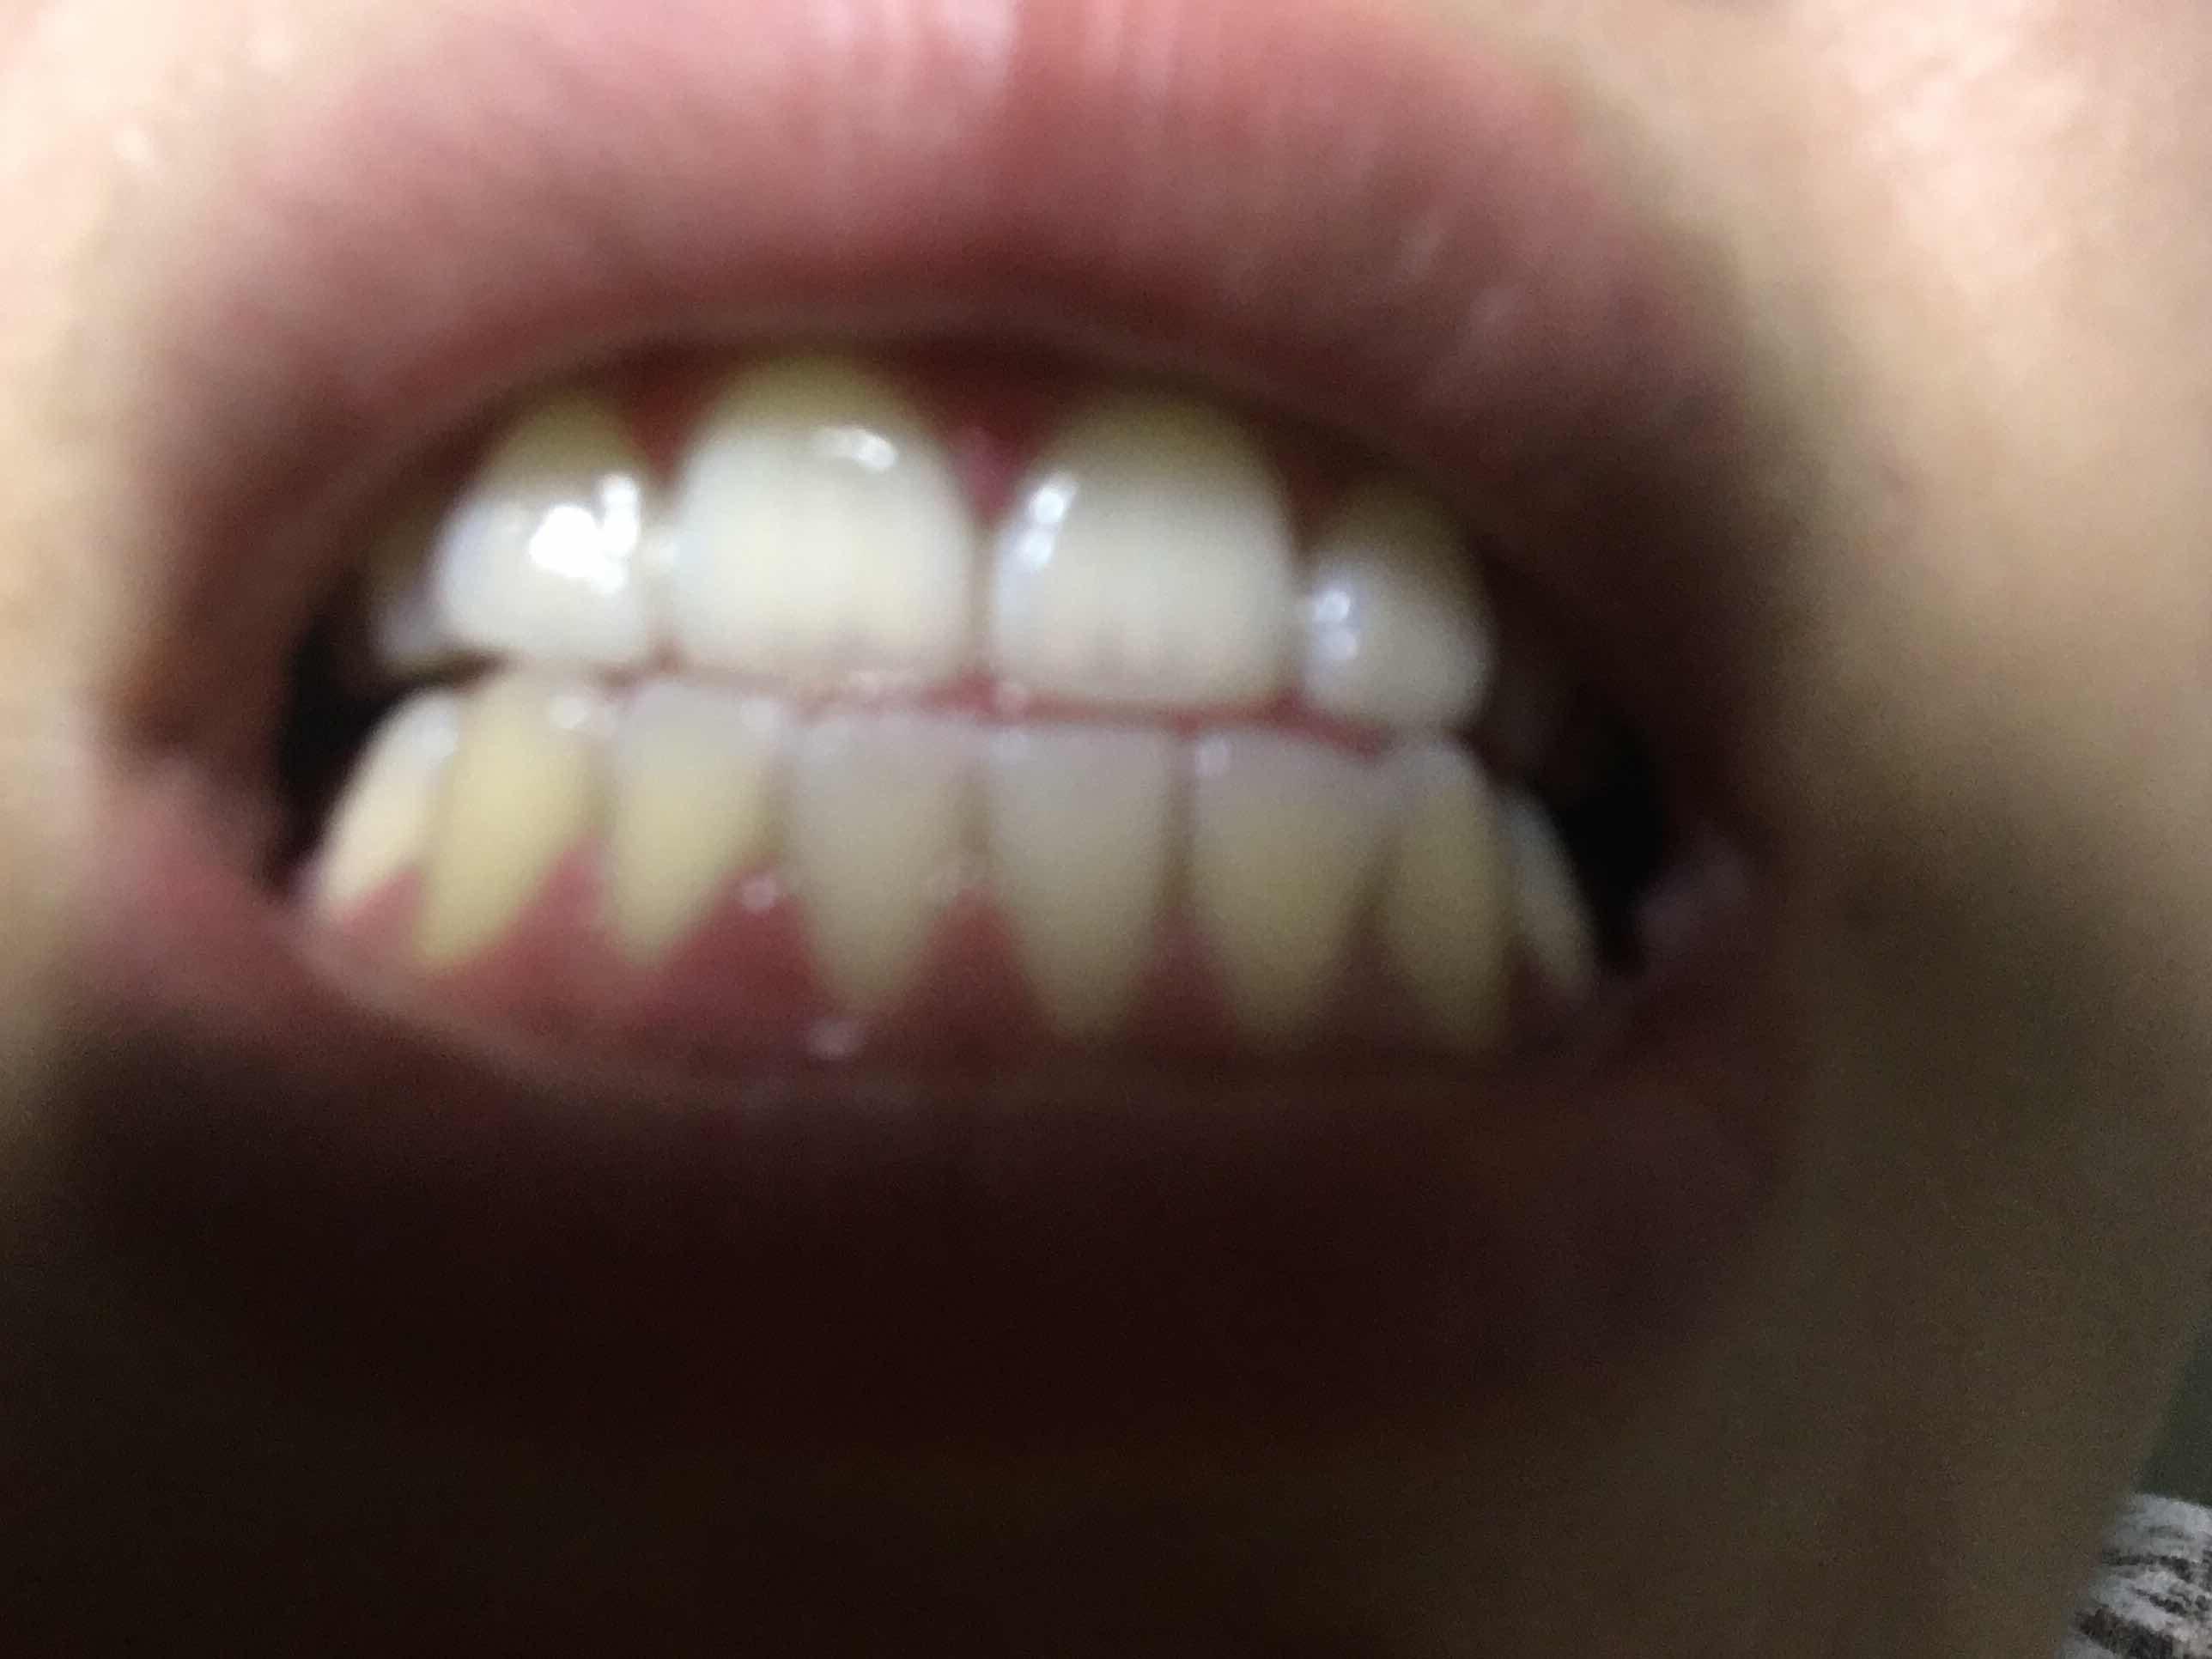 激光牙齿美白术效果怎么样?用的家用美白仪first次牙齿美白根本没有效果